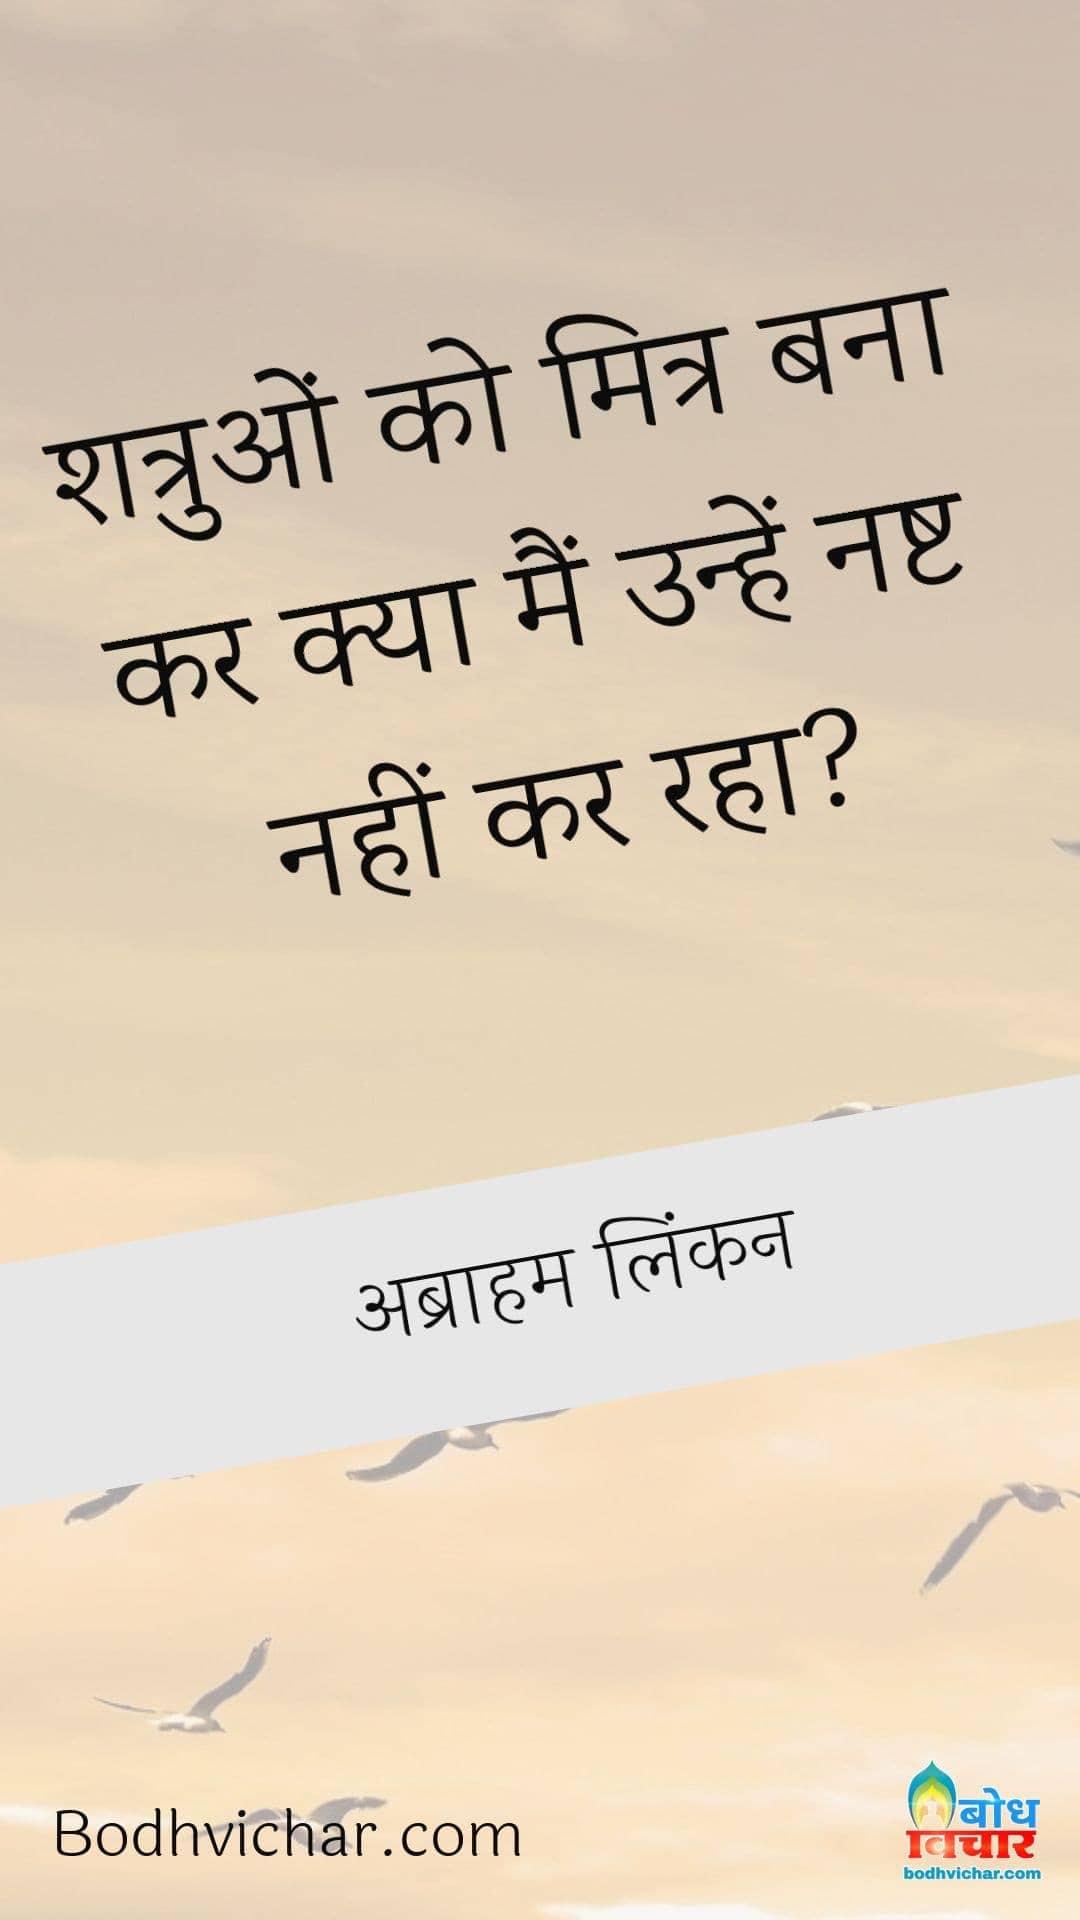 शत्रुओं को मित्र बना कर क्या मैं उन्हें नष्ट नहीं कर रहा? : Shatruo ko mitra banakar kya main unhe nasht nahin kar raha - अब्राहम लिंकन